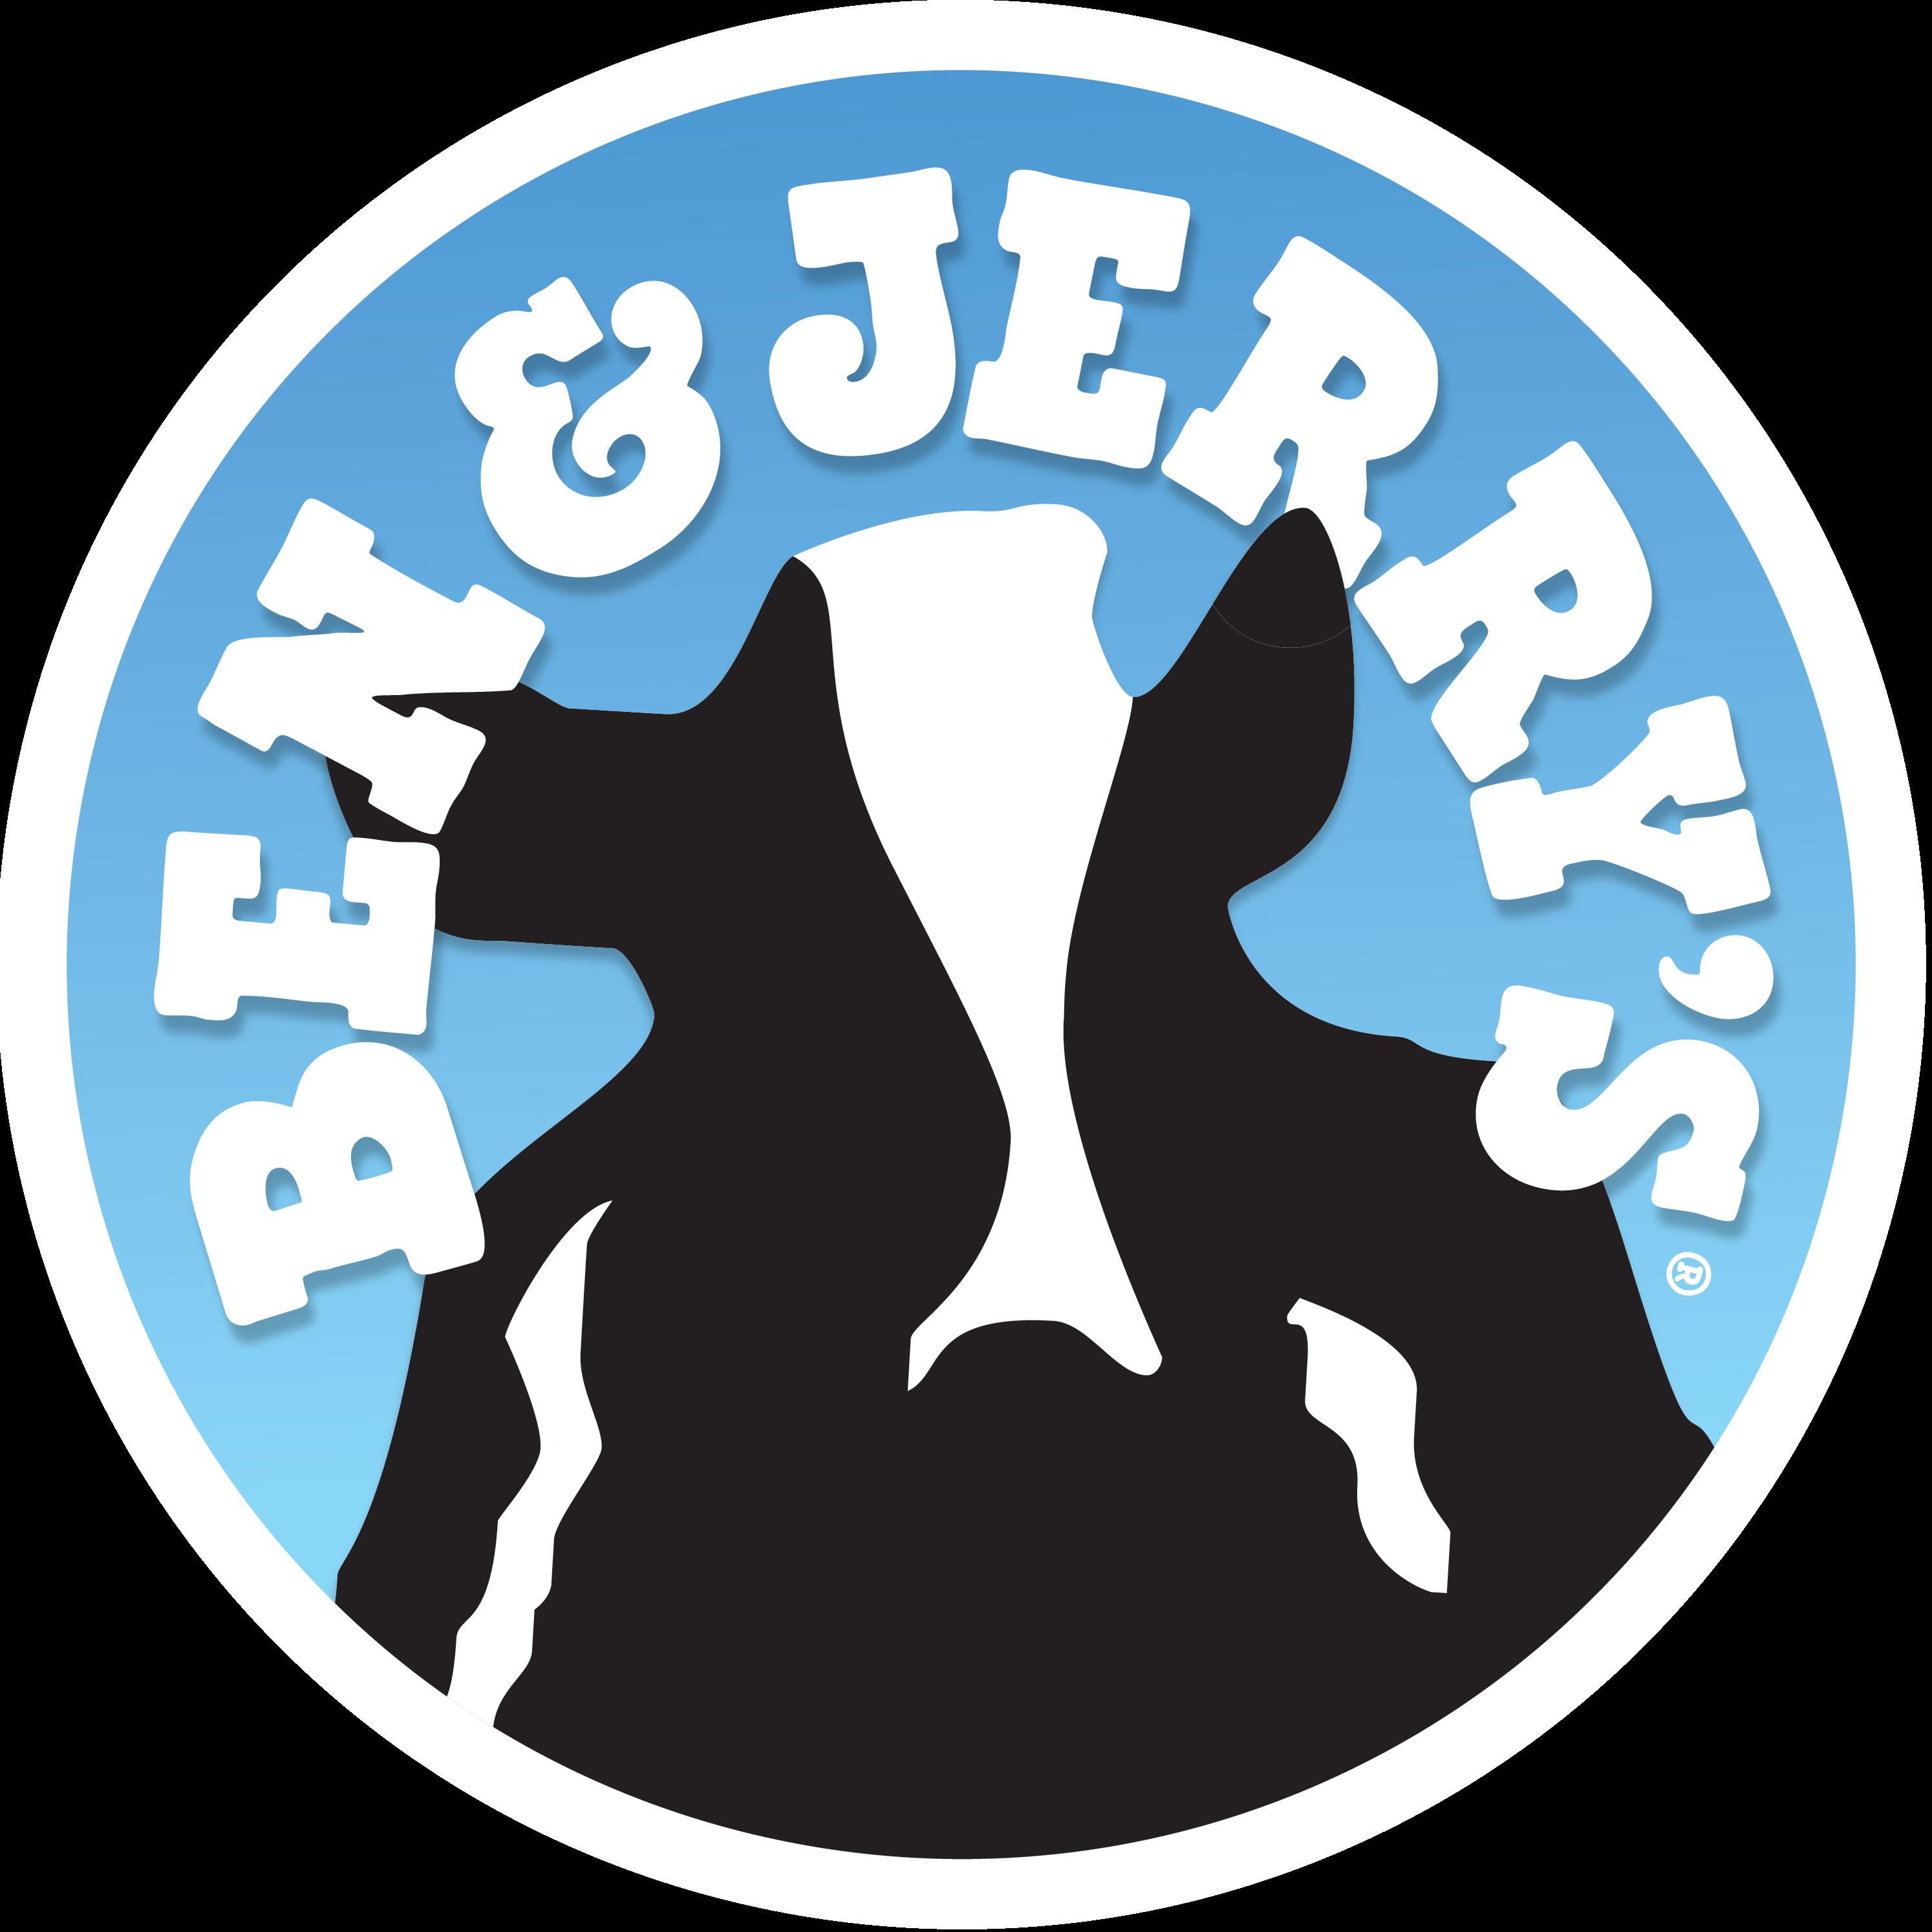 Ben & Jerry's image 4